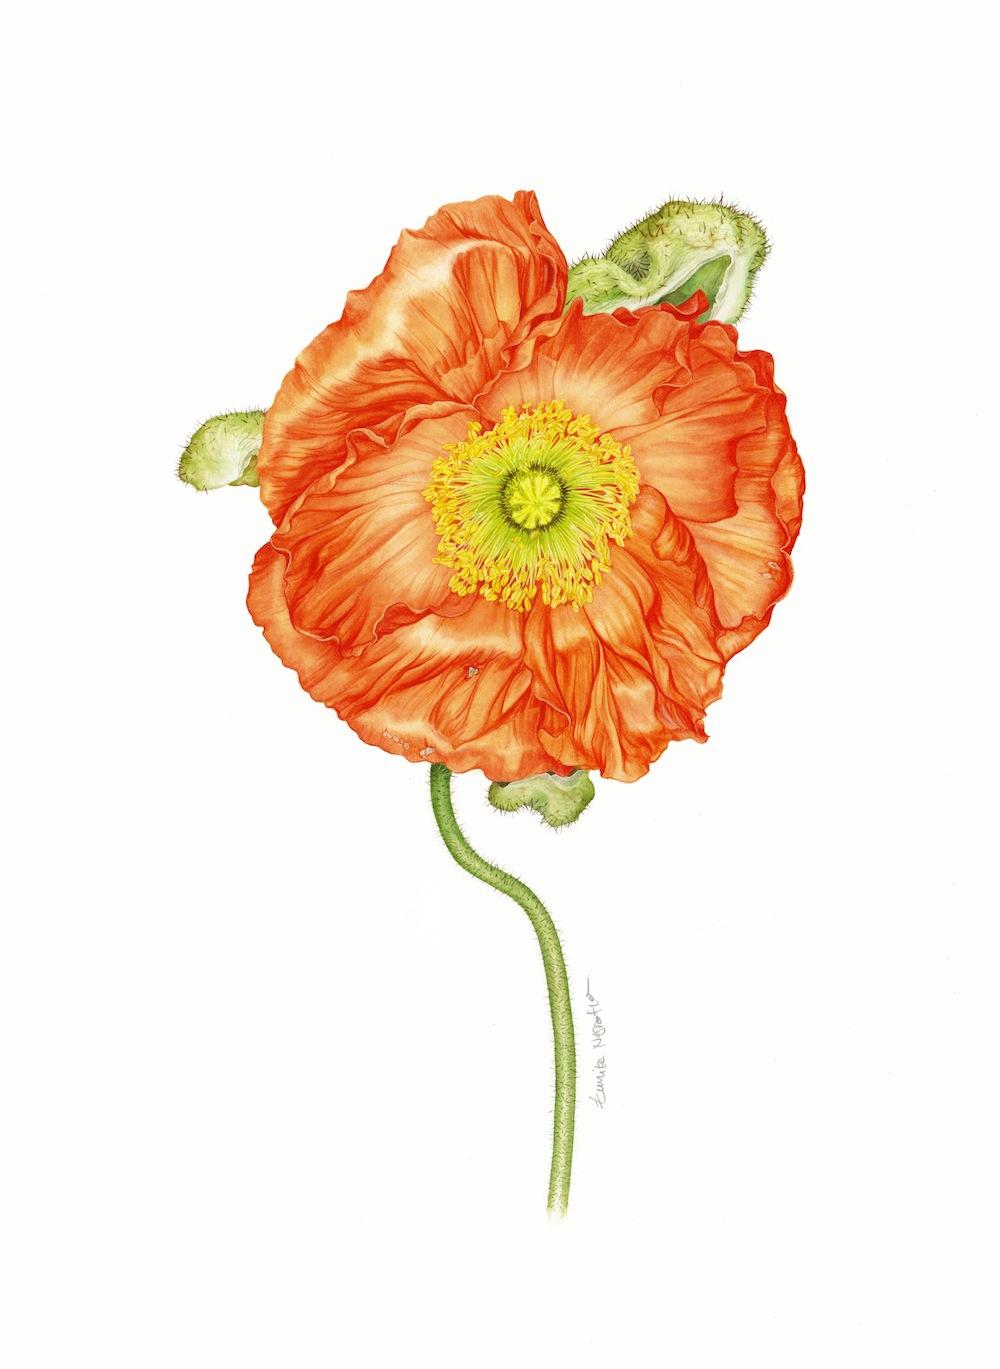 Süddeutsche Zeitung suddeutsche zeitung Magazin botanical watercolor flower floral natural realistic poppy rose